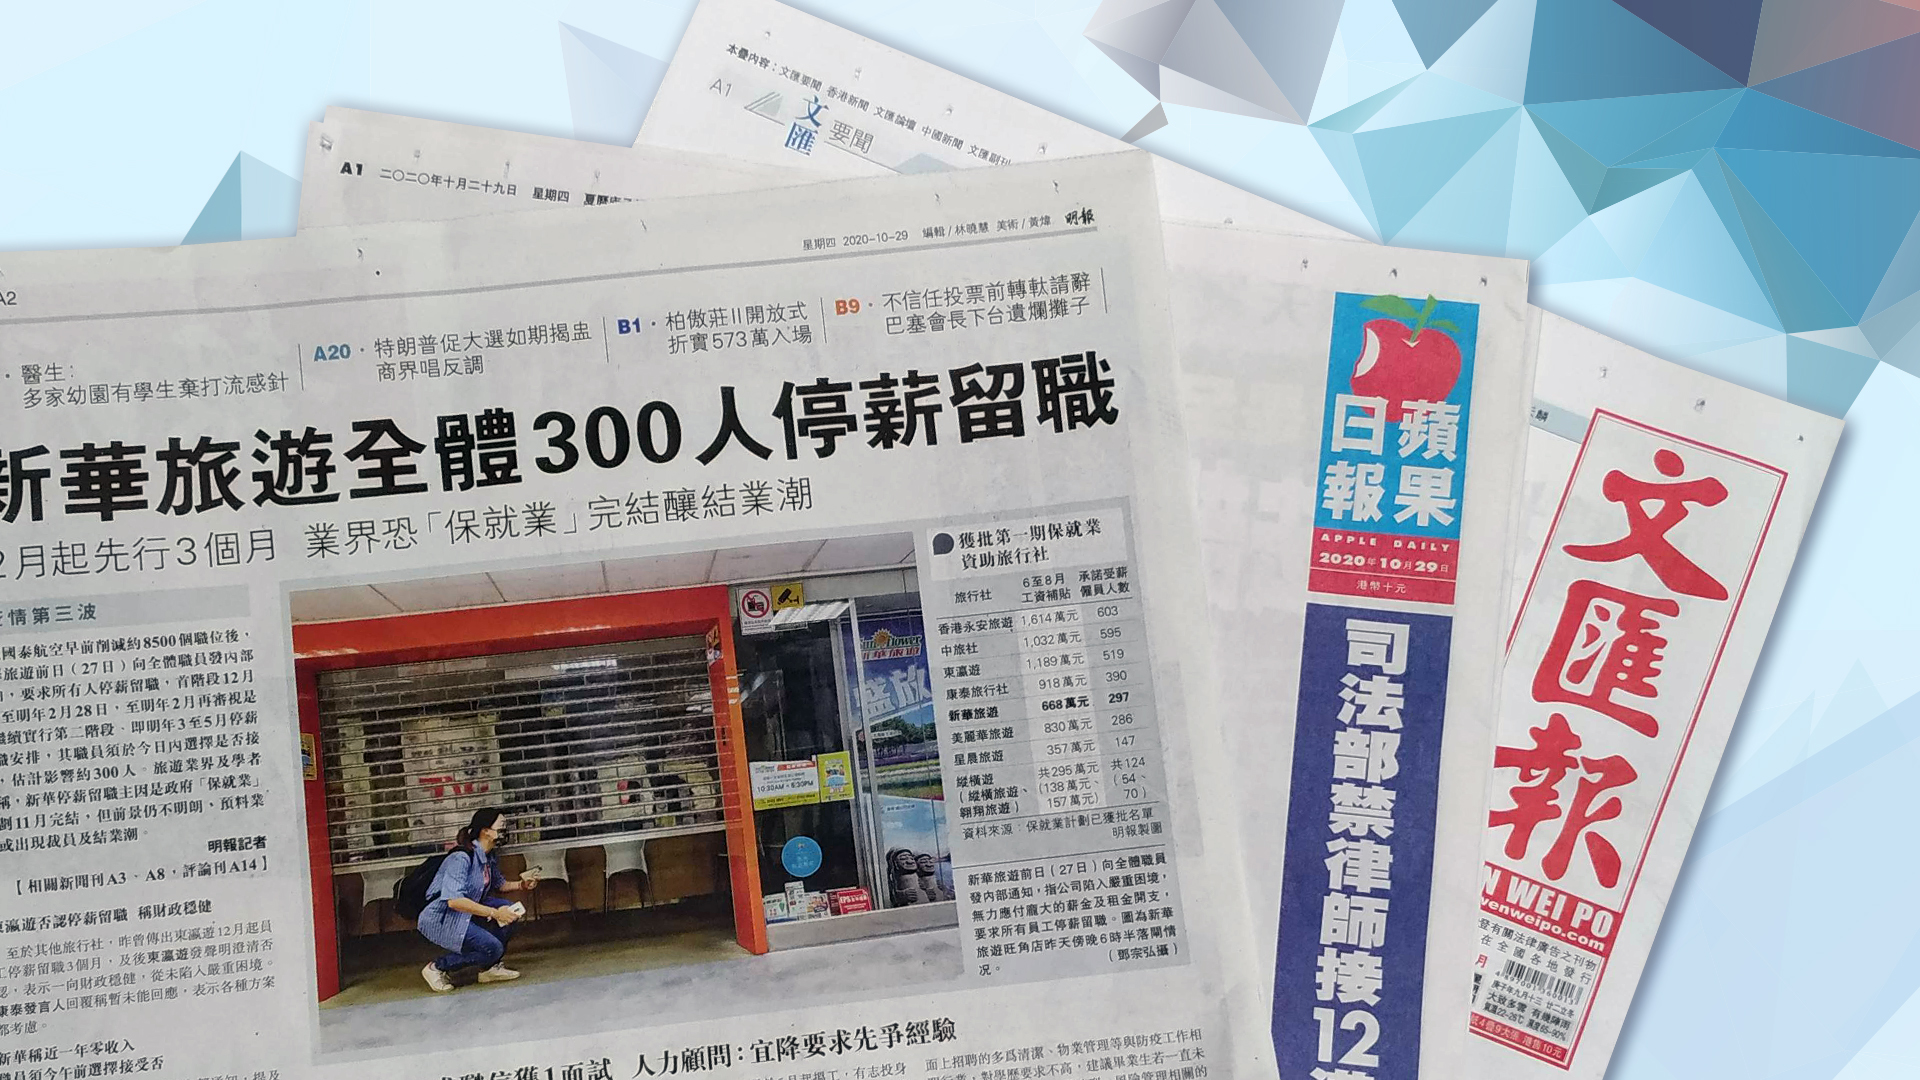 【報章A1速覽】新華旅遊全體300人停薪留職 12月起先行3個月 業界恐「保就業」完結釀結業潮;「這是全國一盤棋 不是地方的事」司法部禁律師接12港人案